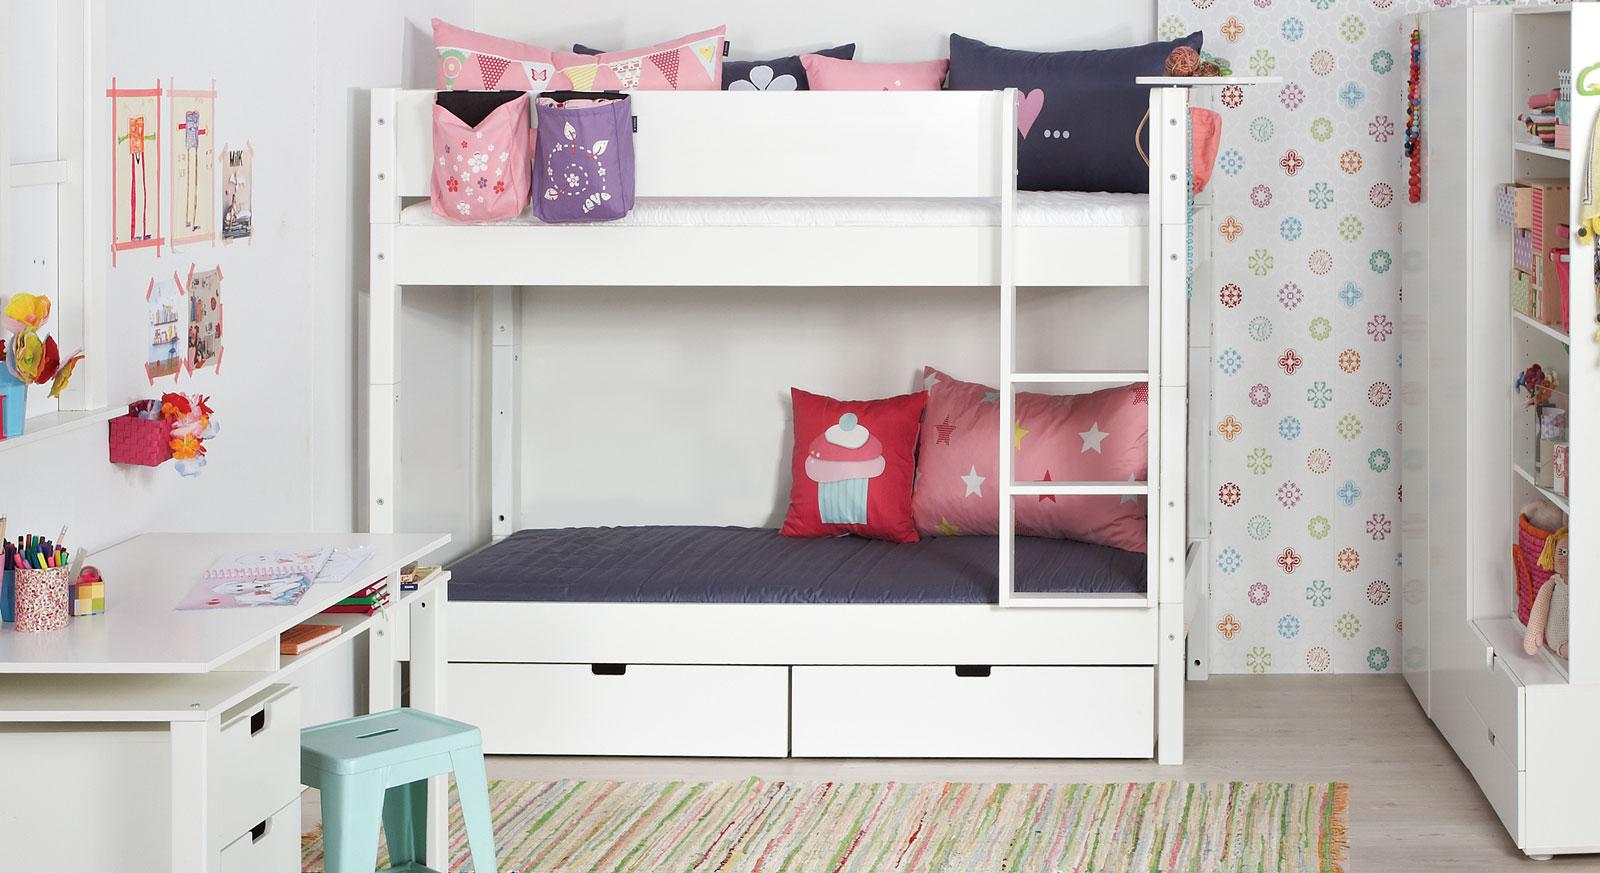 Kinder Etagenbett Haus : Etagenbett weiß preisvergleich u die besten angebote online kaufen